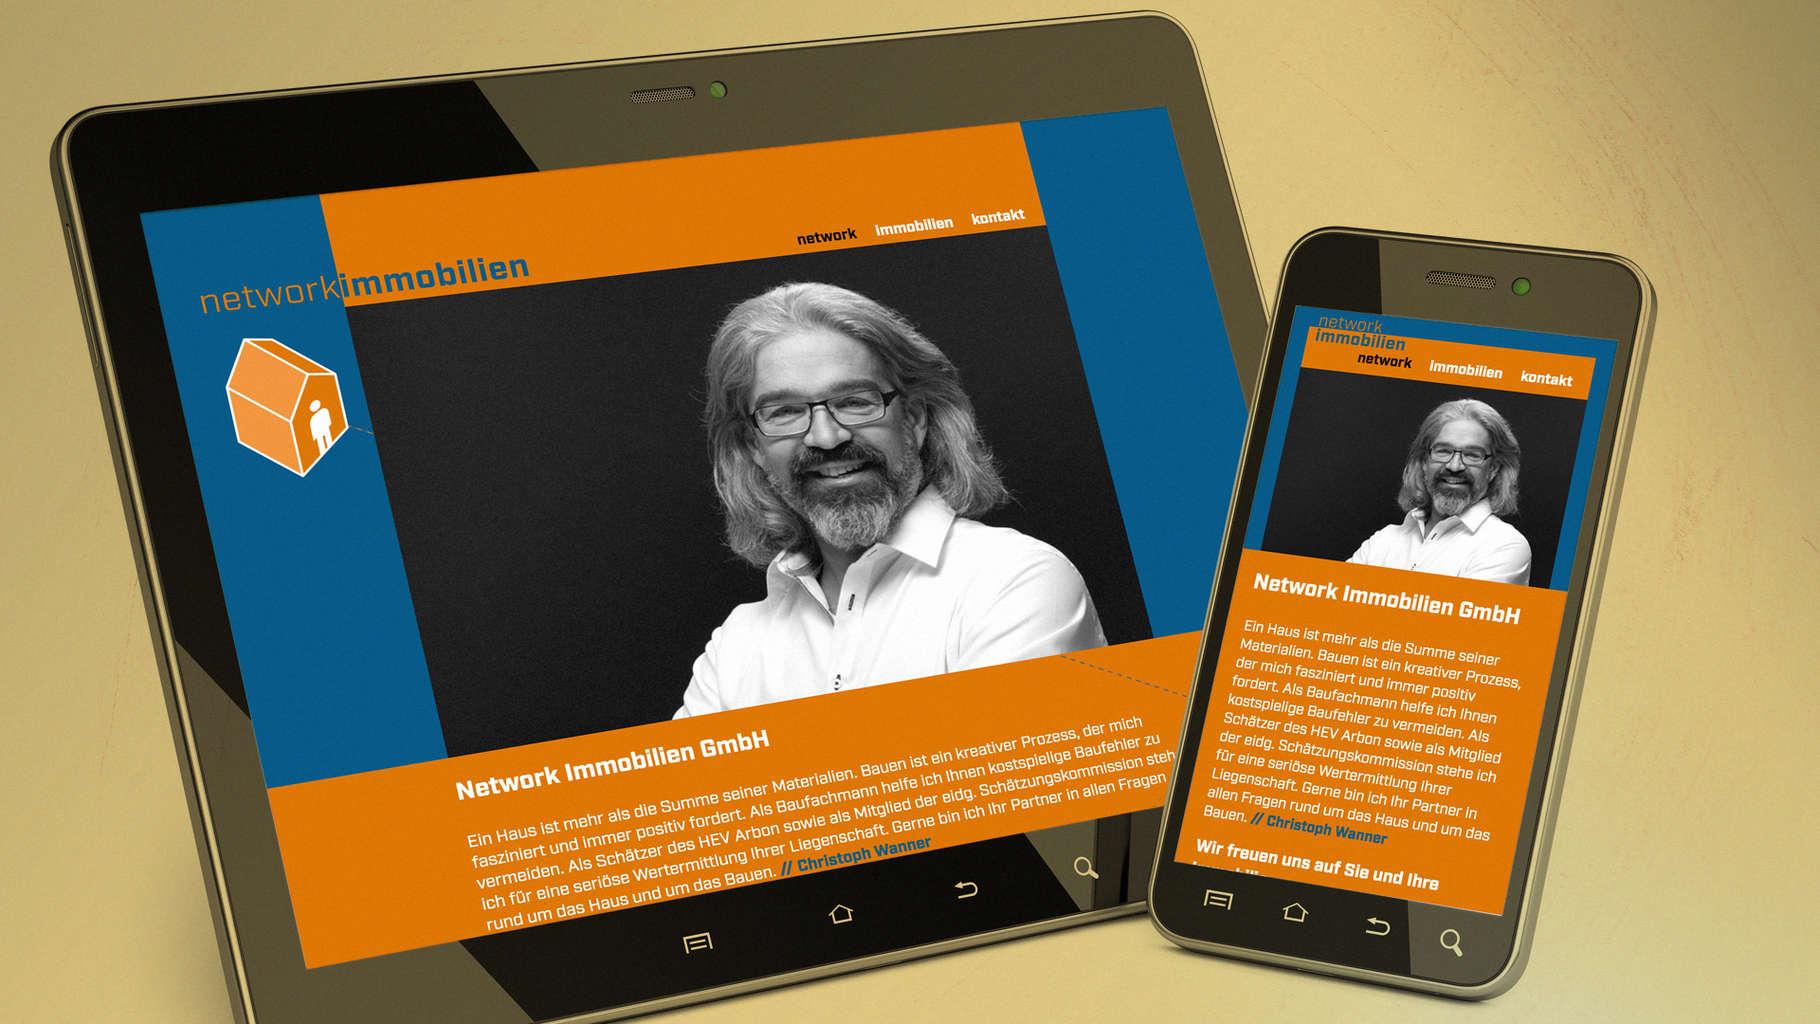 network immobilen - Website auf Tablet und Smartphone